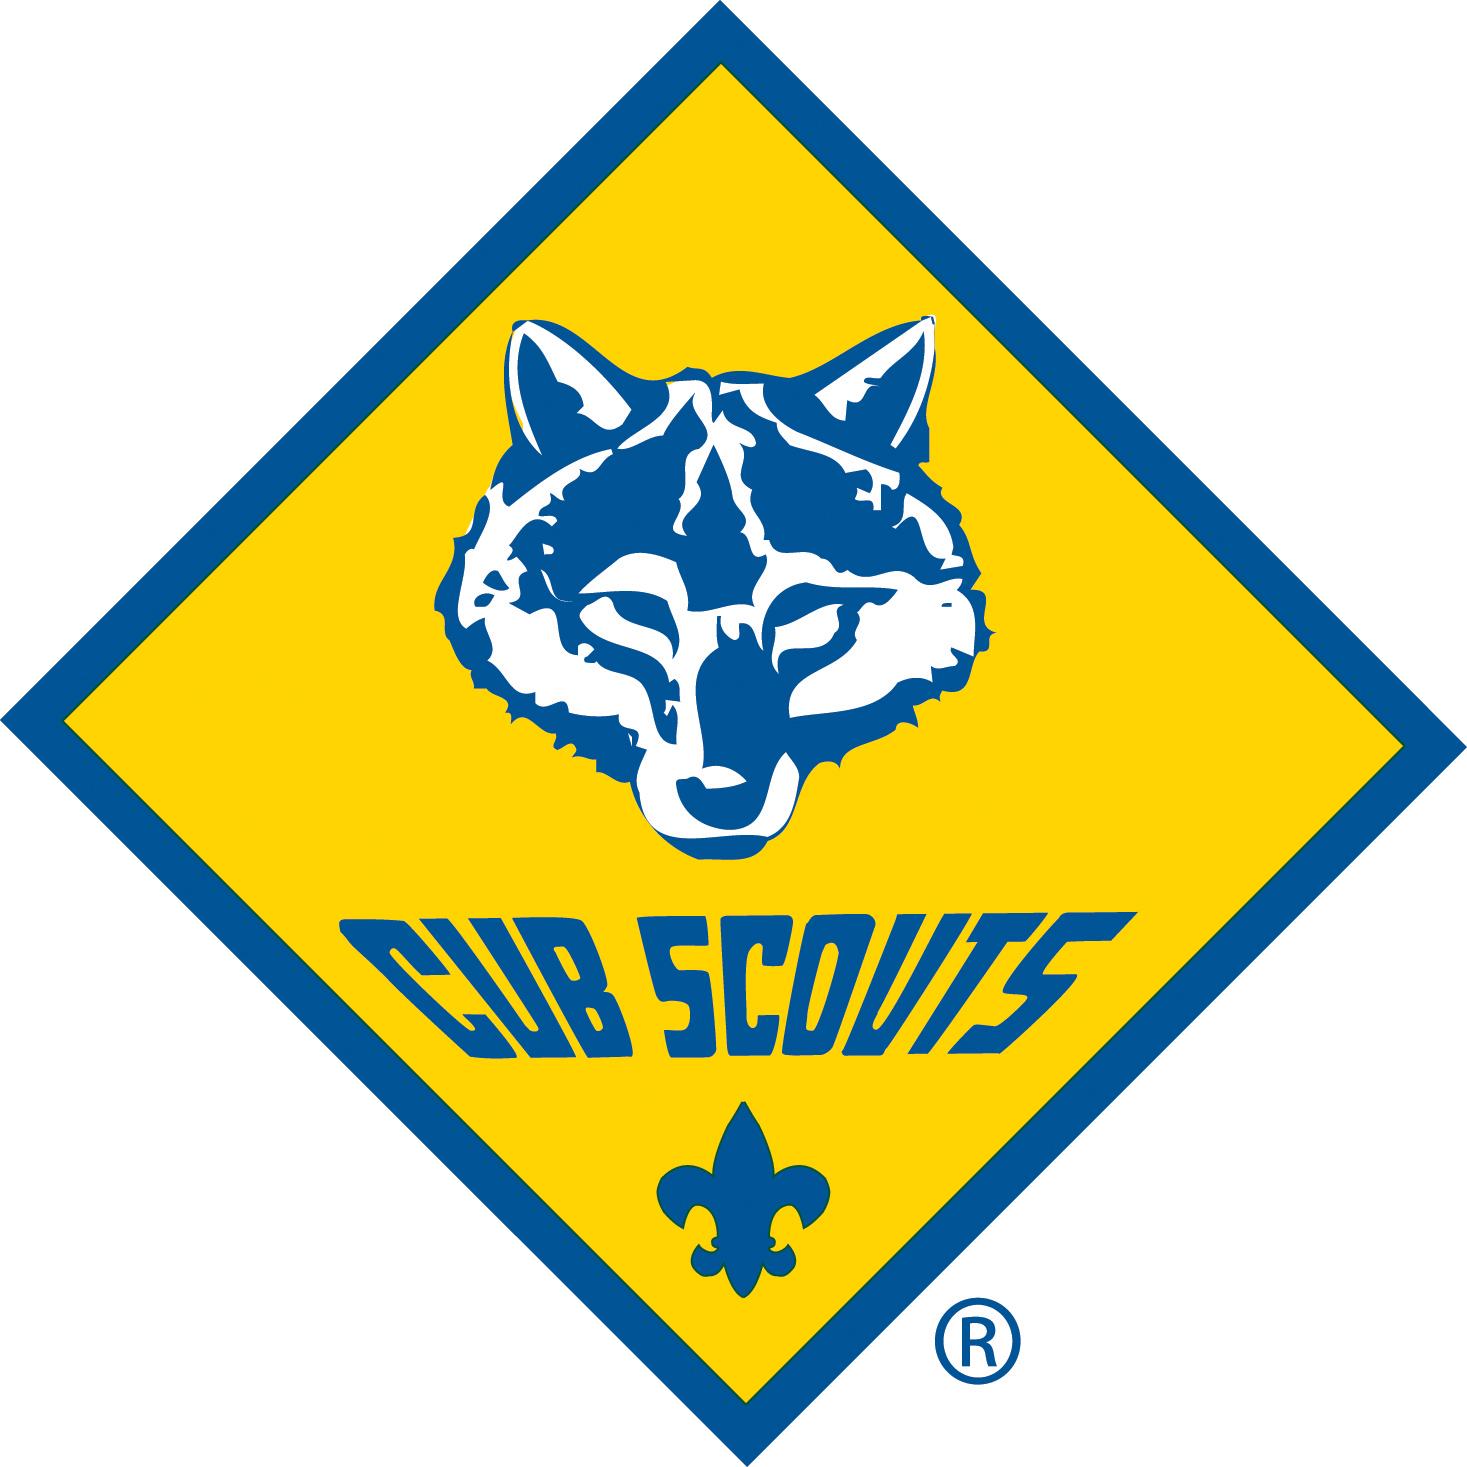 CBYWSC Boy Scout Class Schedule.